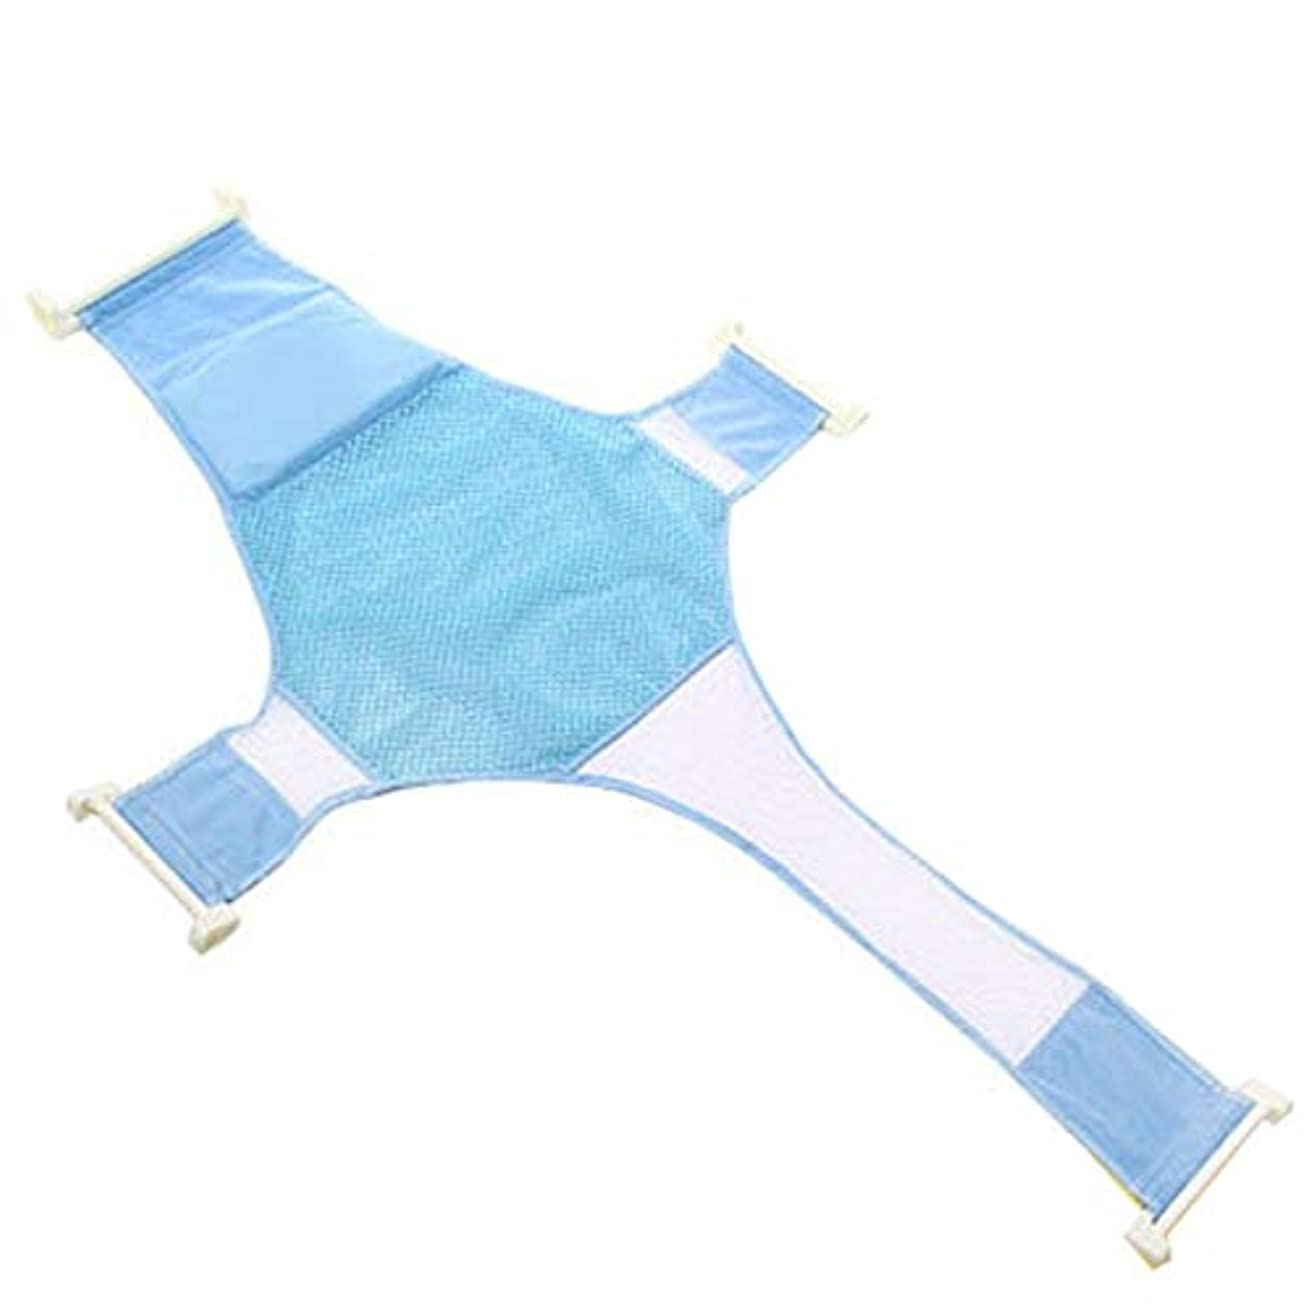 気楽な強調するカーテンAmyou 新生児ベビーバスシートショットネットワークバッグスタブスリングショーウォッシュメッシュ入浴クレイドルノーリップスクロスベッドのためのタブ